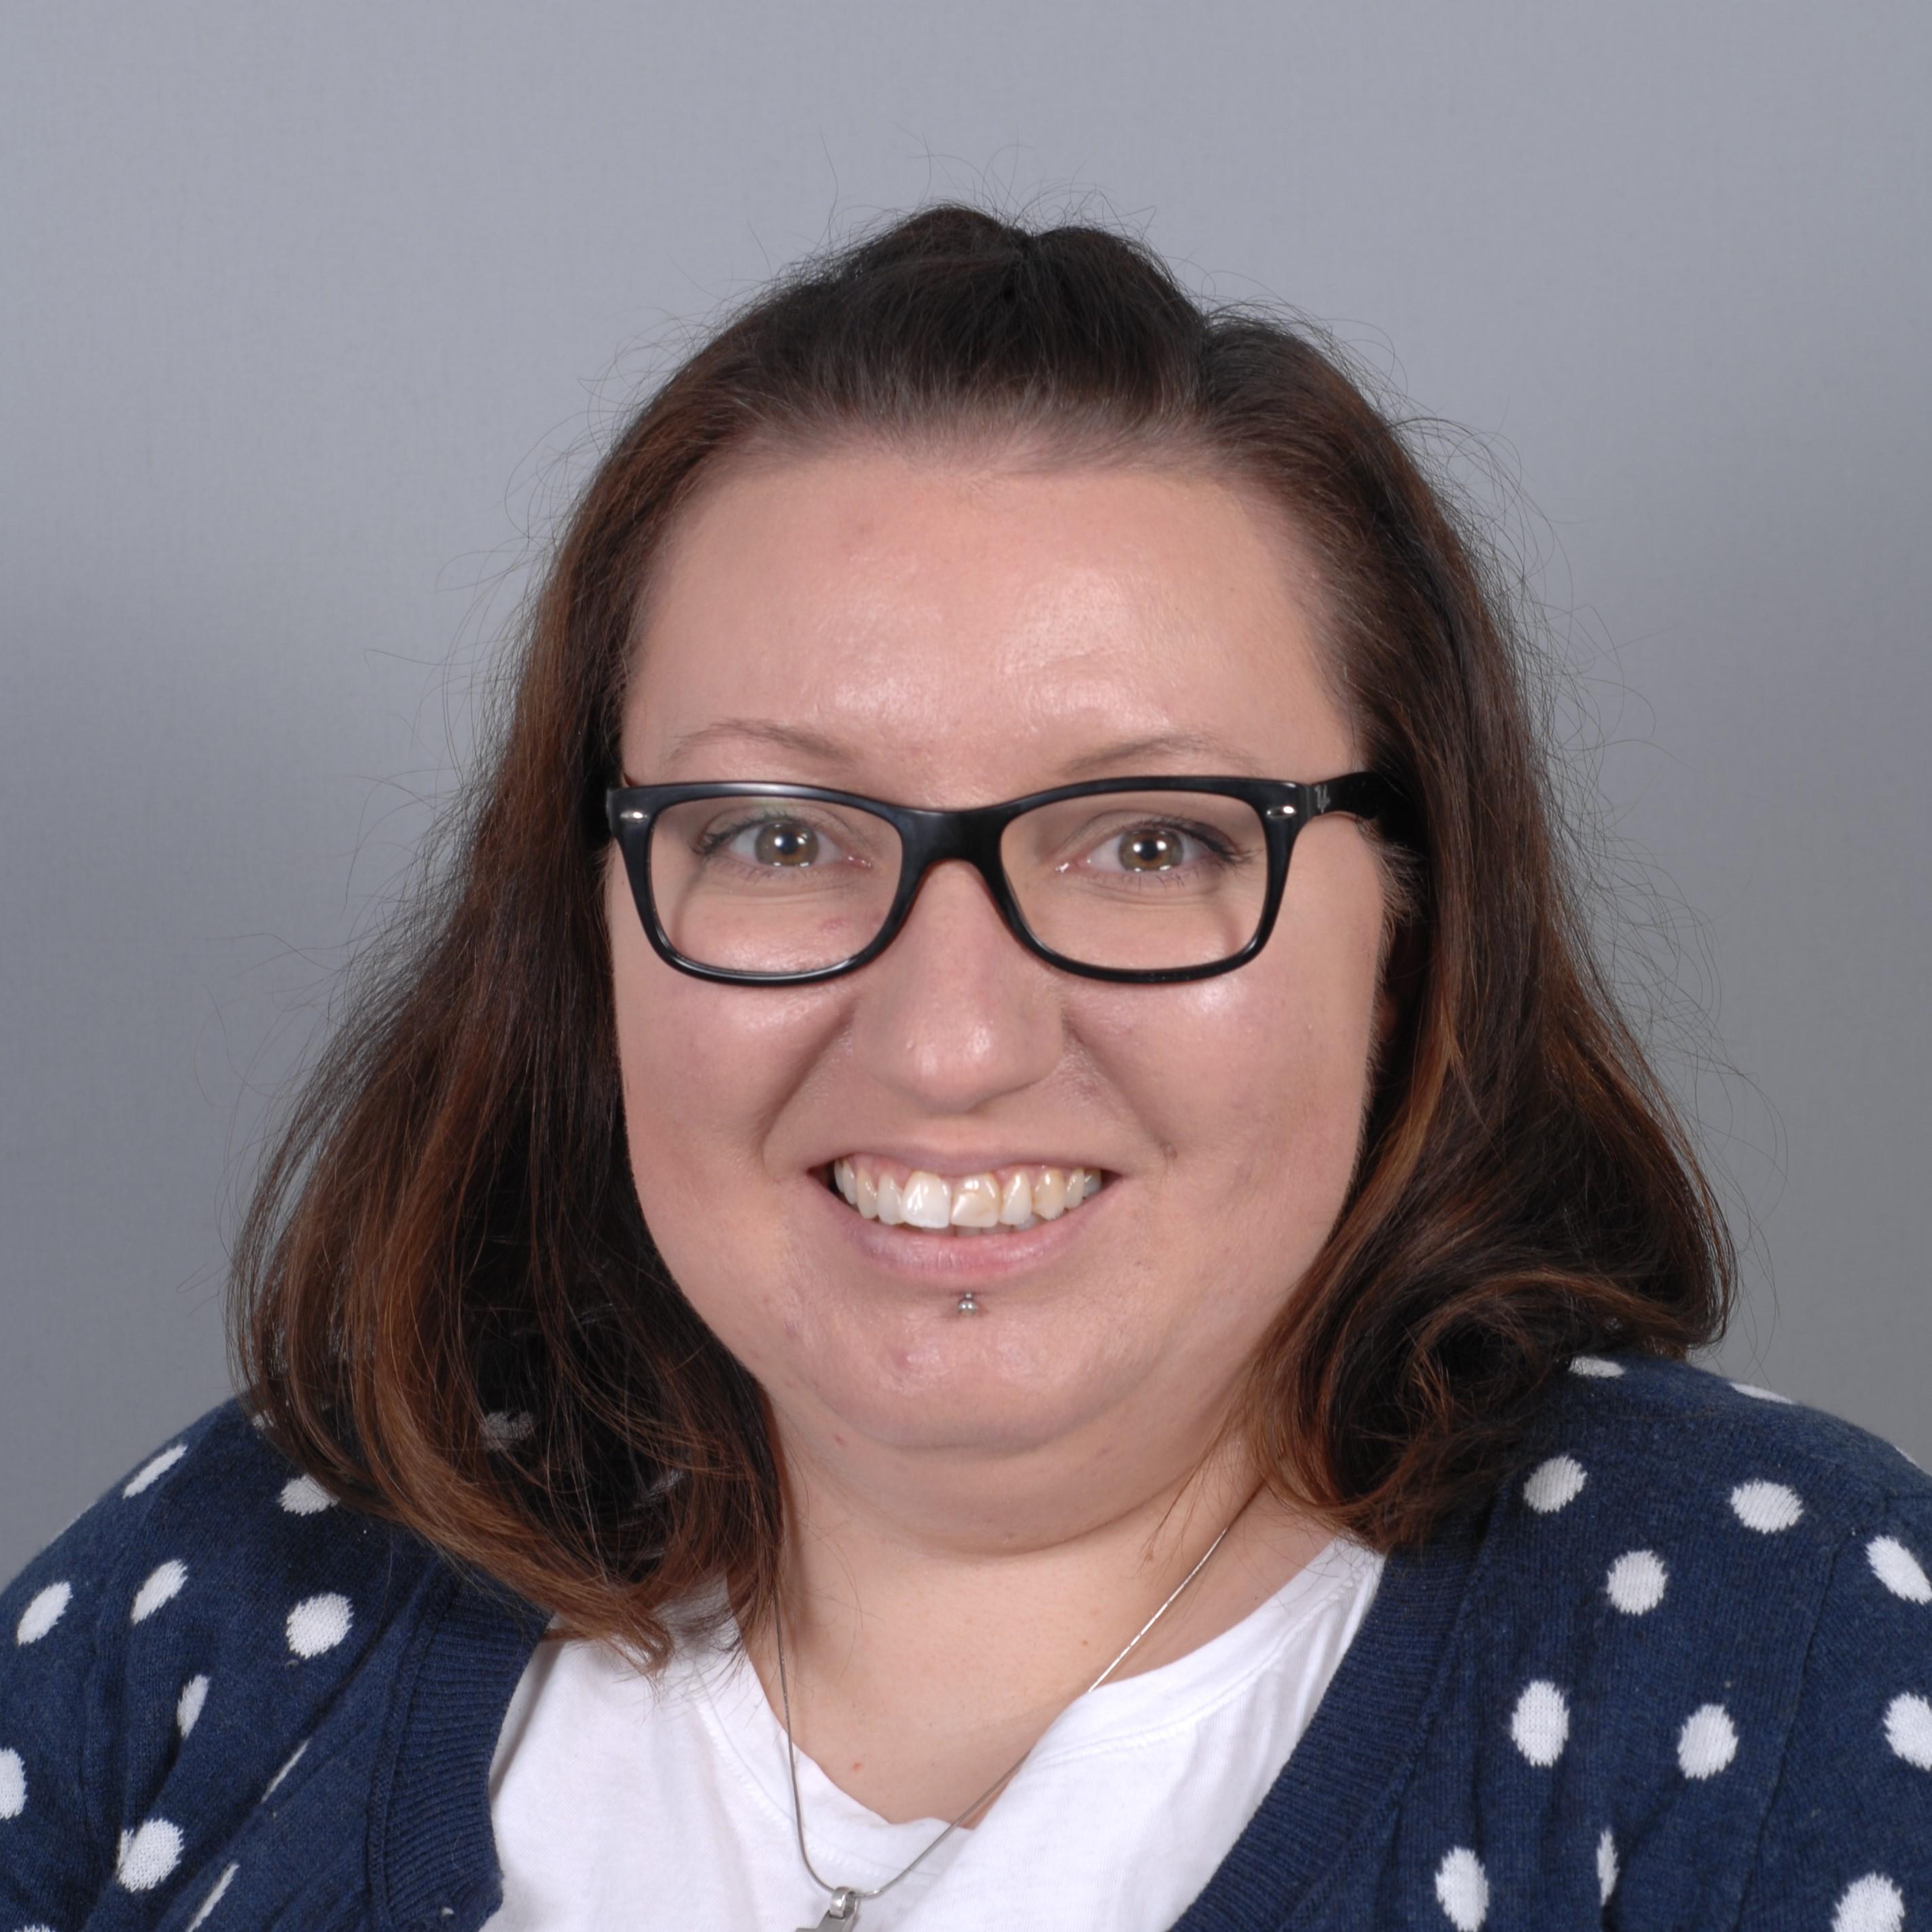 Dominique Freitag (32) ist Chefin der Jusos in Hünxe und als sachkundige Bürgerin Mitglied im Sozialausschuss der Gemeinde Hünxe. Die Gleichstellung und Inklusion von Menschen mit Behinderung ist ihr großes Thema.